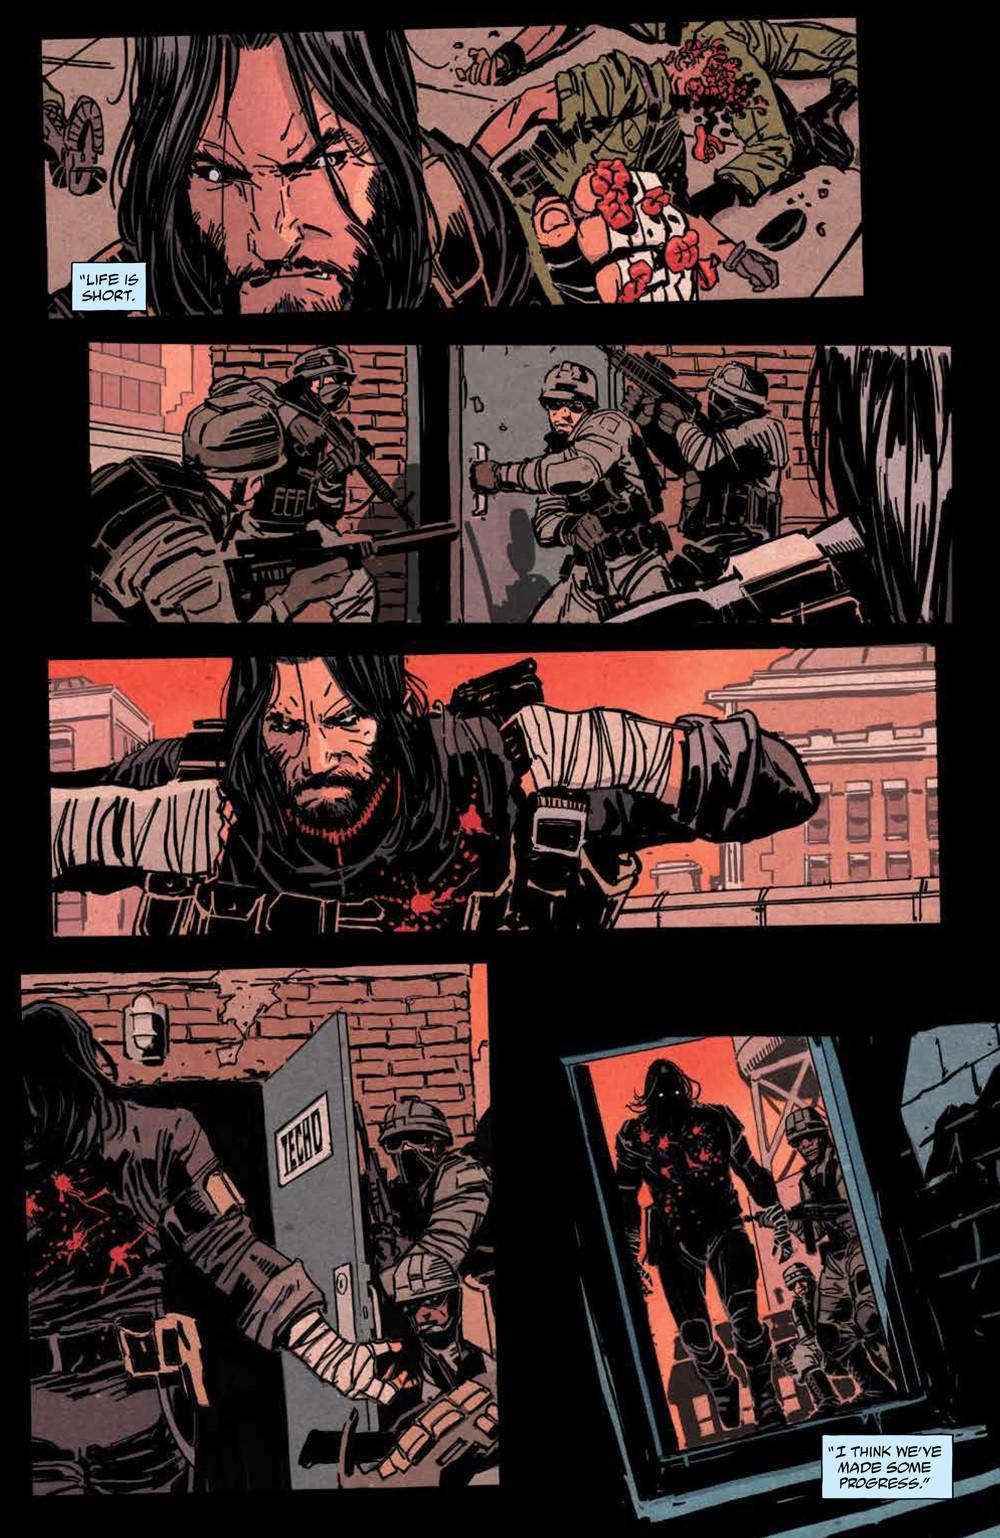 BRZRKR_v1_SC_PRESS_16 ComicList Previews: BRZRKR VOLUME 1 TP